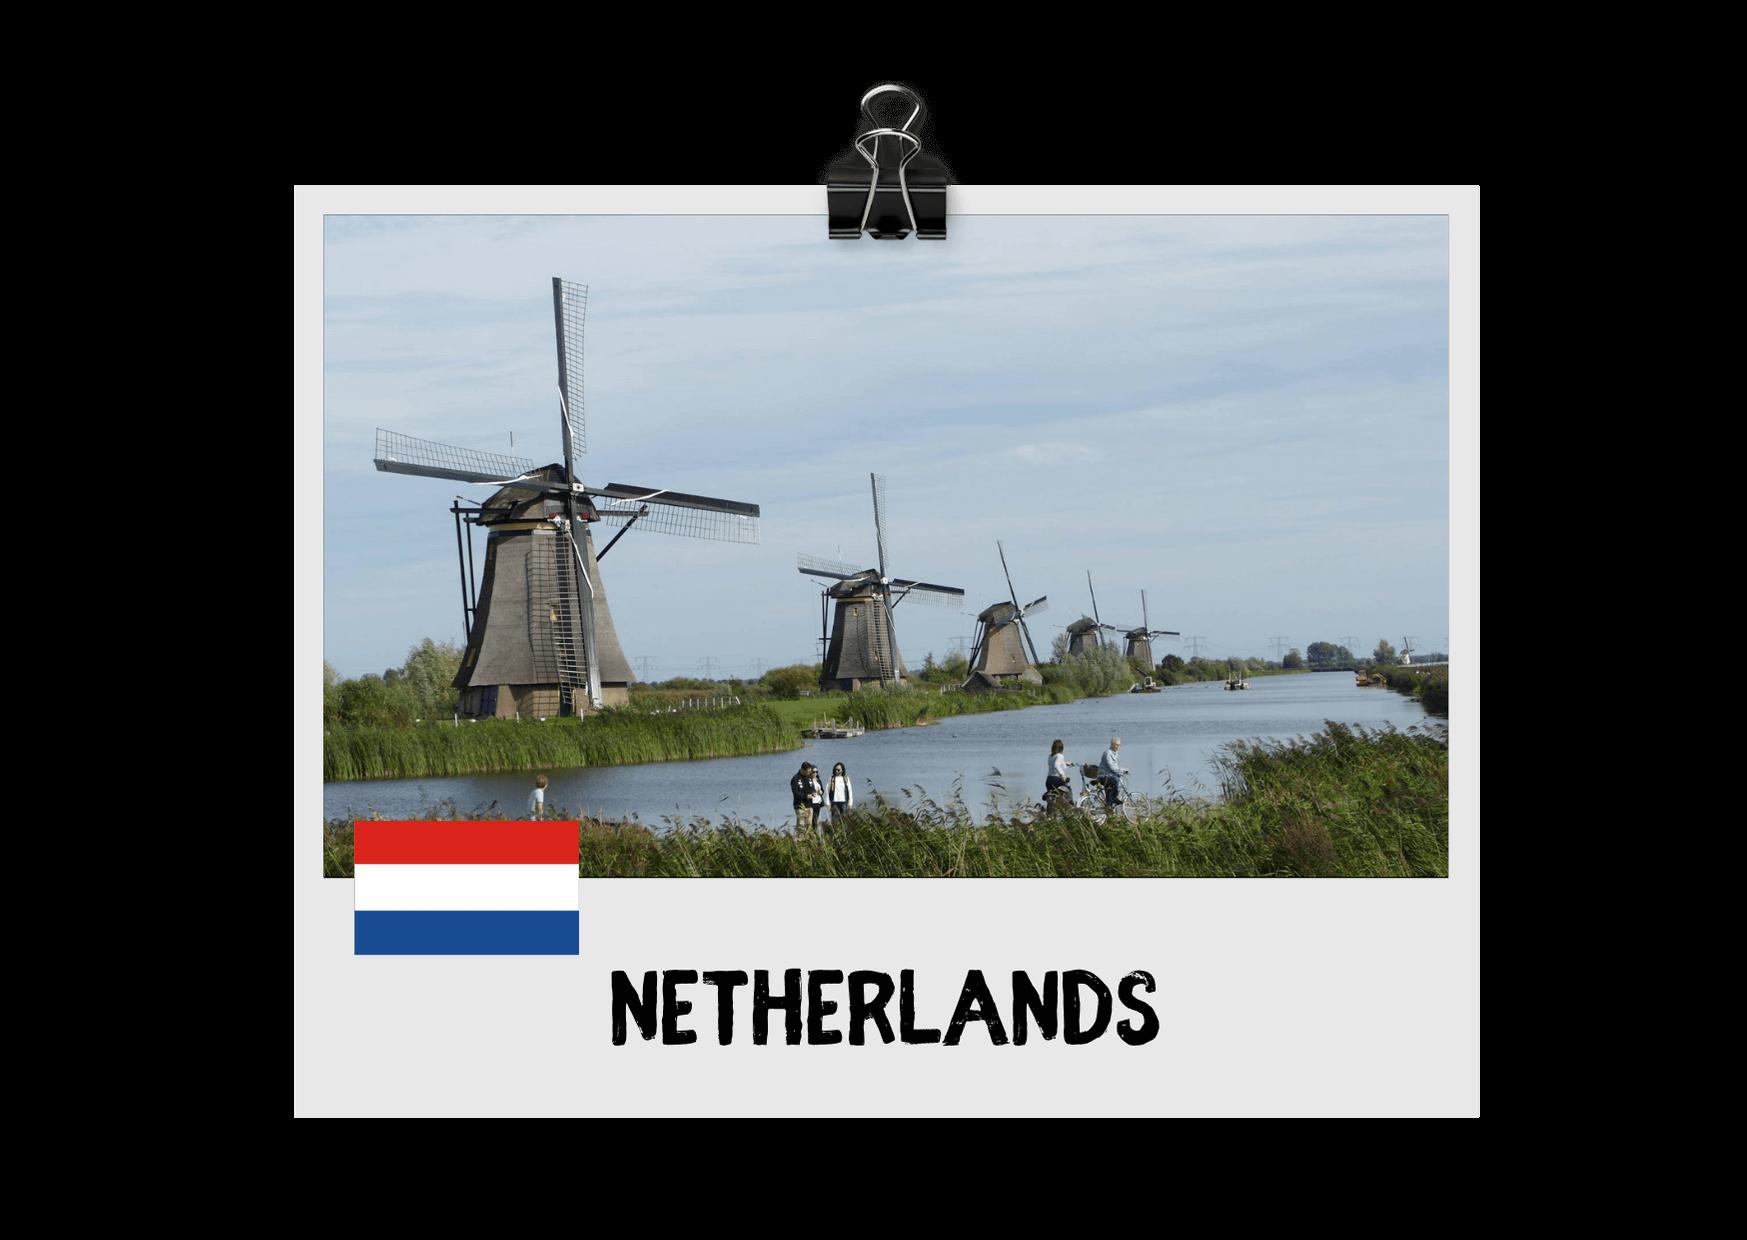 Netherlands Van Life